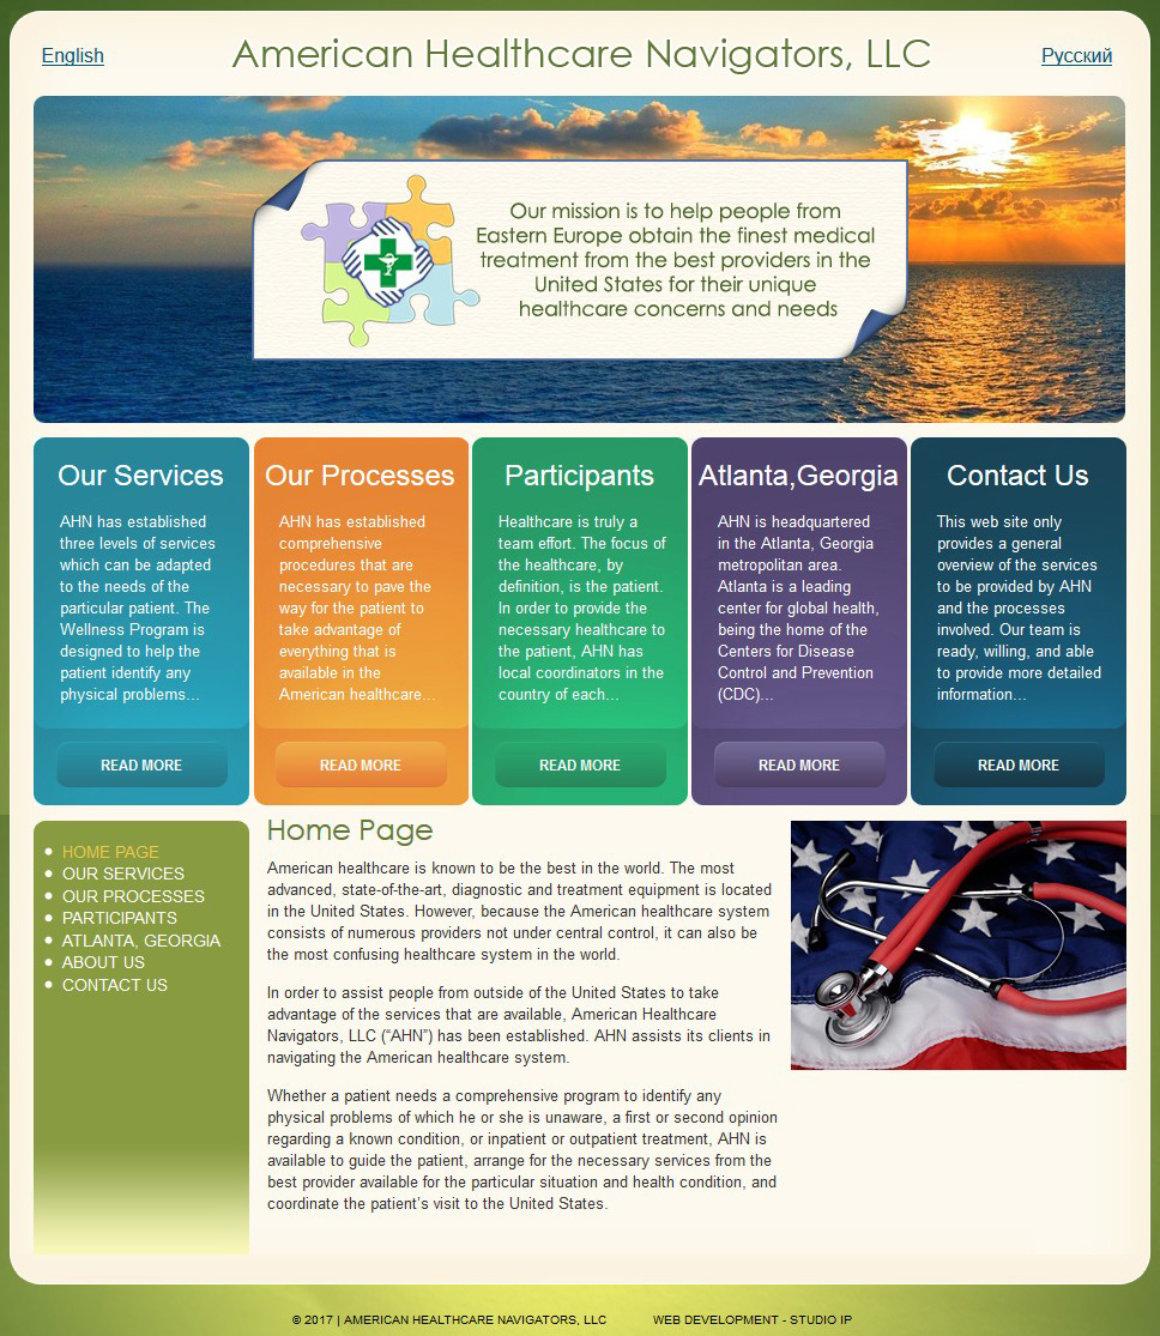 Фото Корпоративный сайт компании American Healthcare Navigators